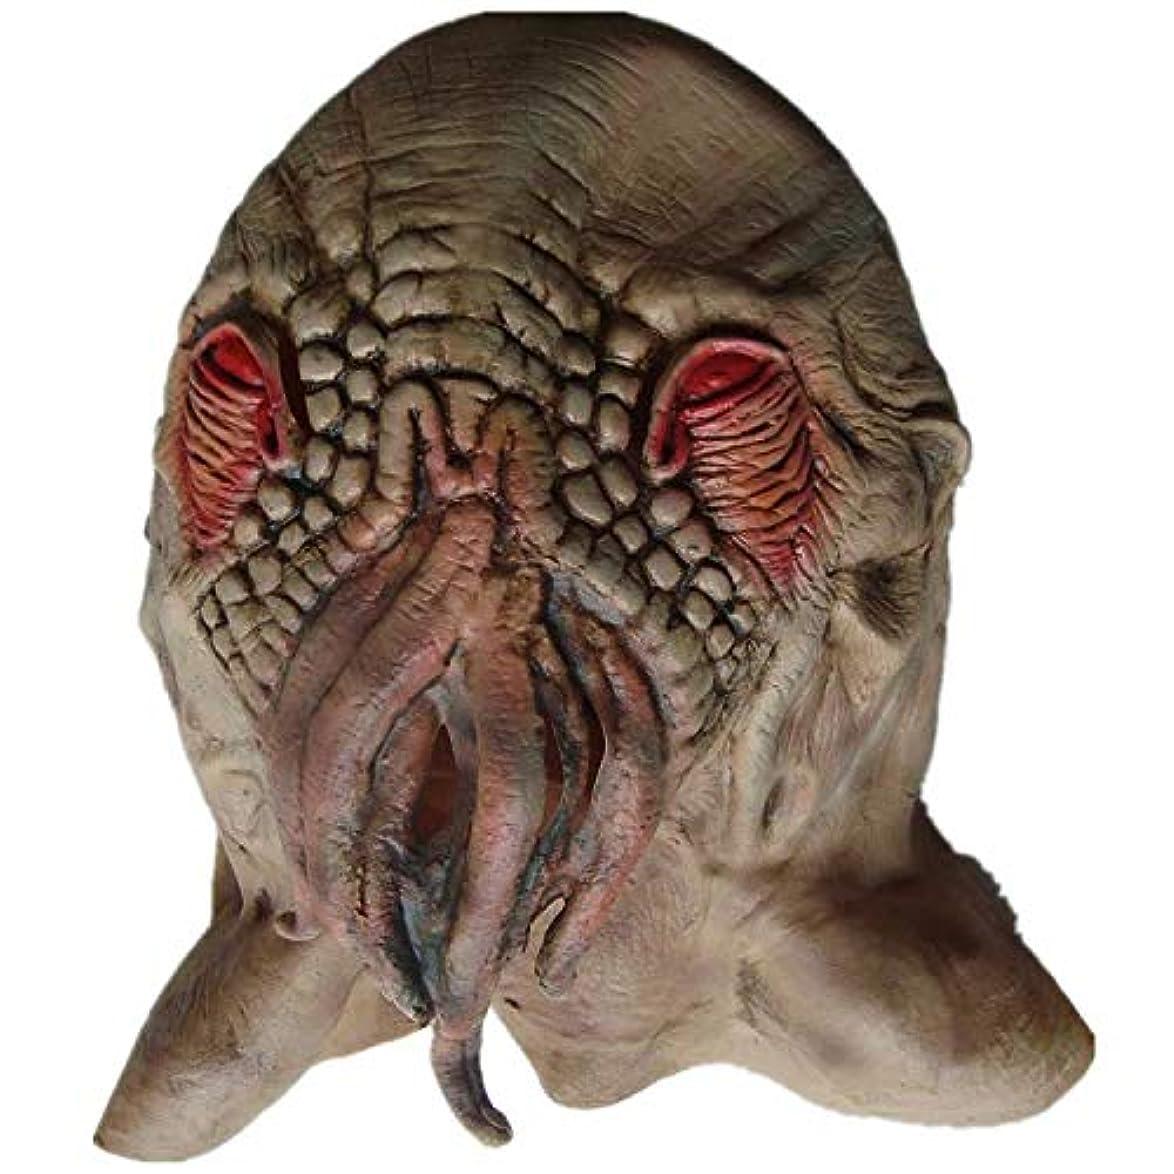 対話枕更新動物の頭部カバーラテックスエイリアンモンスタータコはタコハロウィンドレスアップマスクマスク